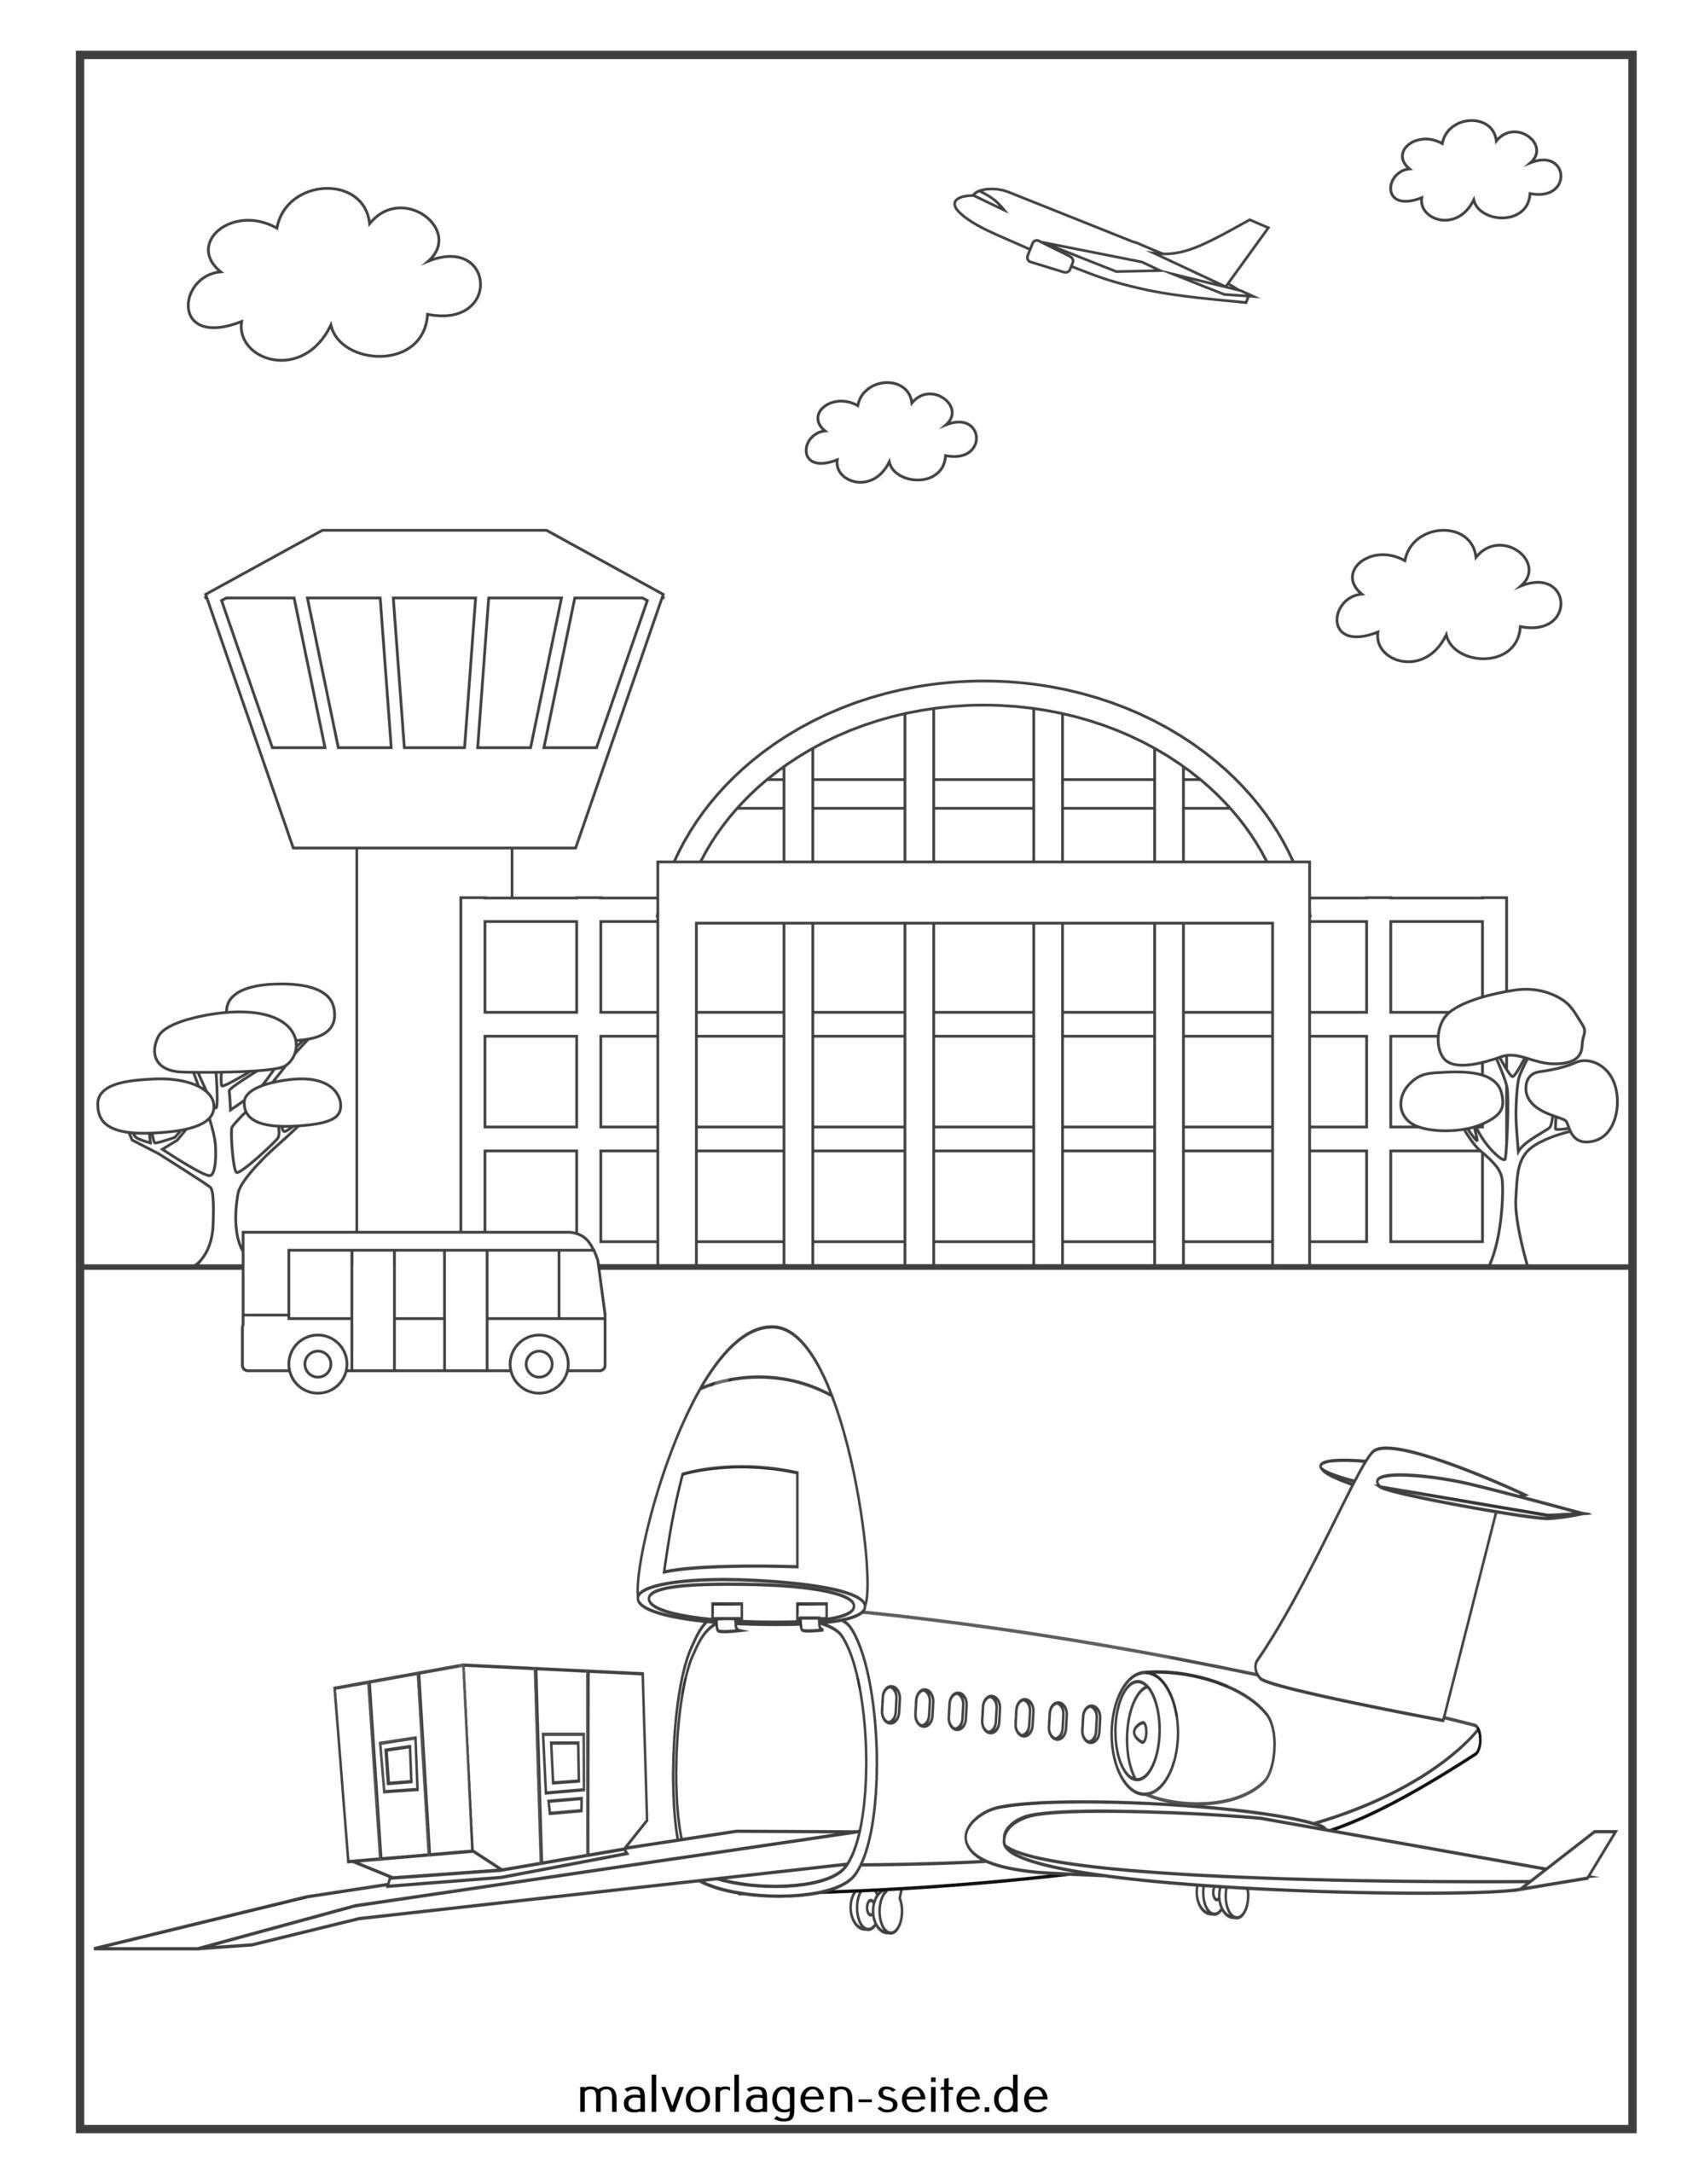 Värivälineen lentokone